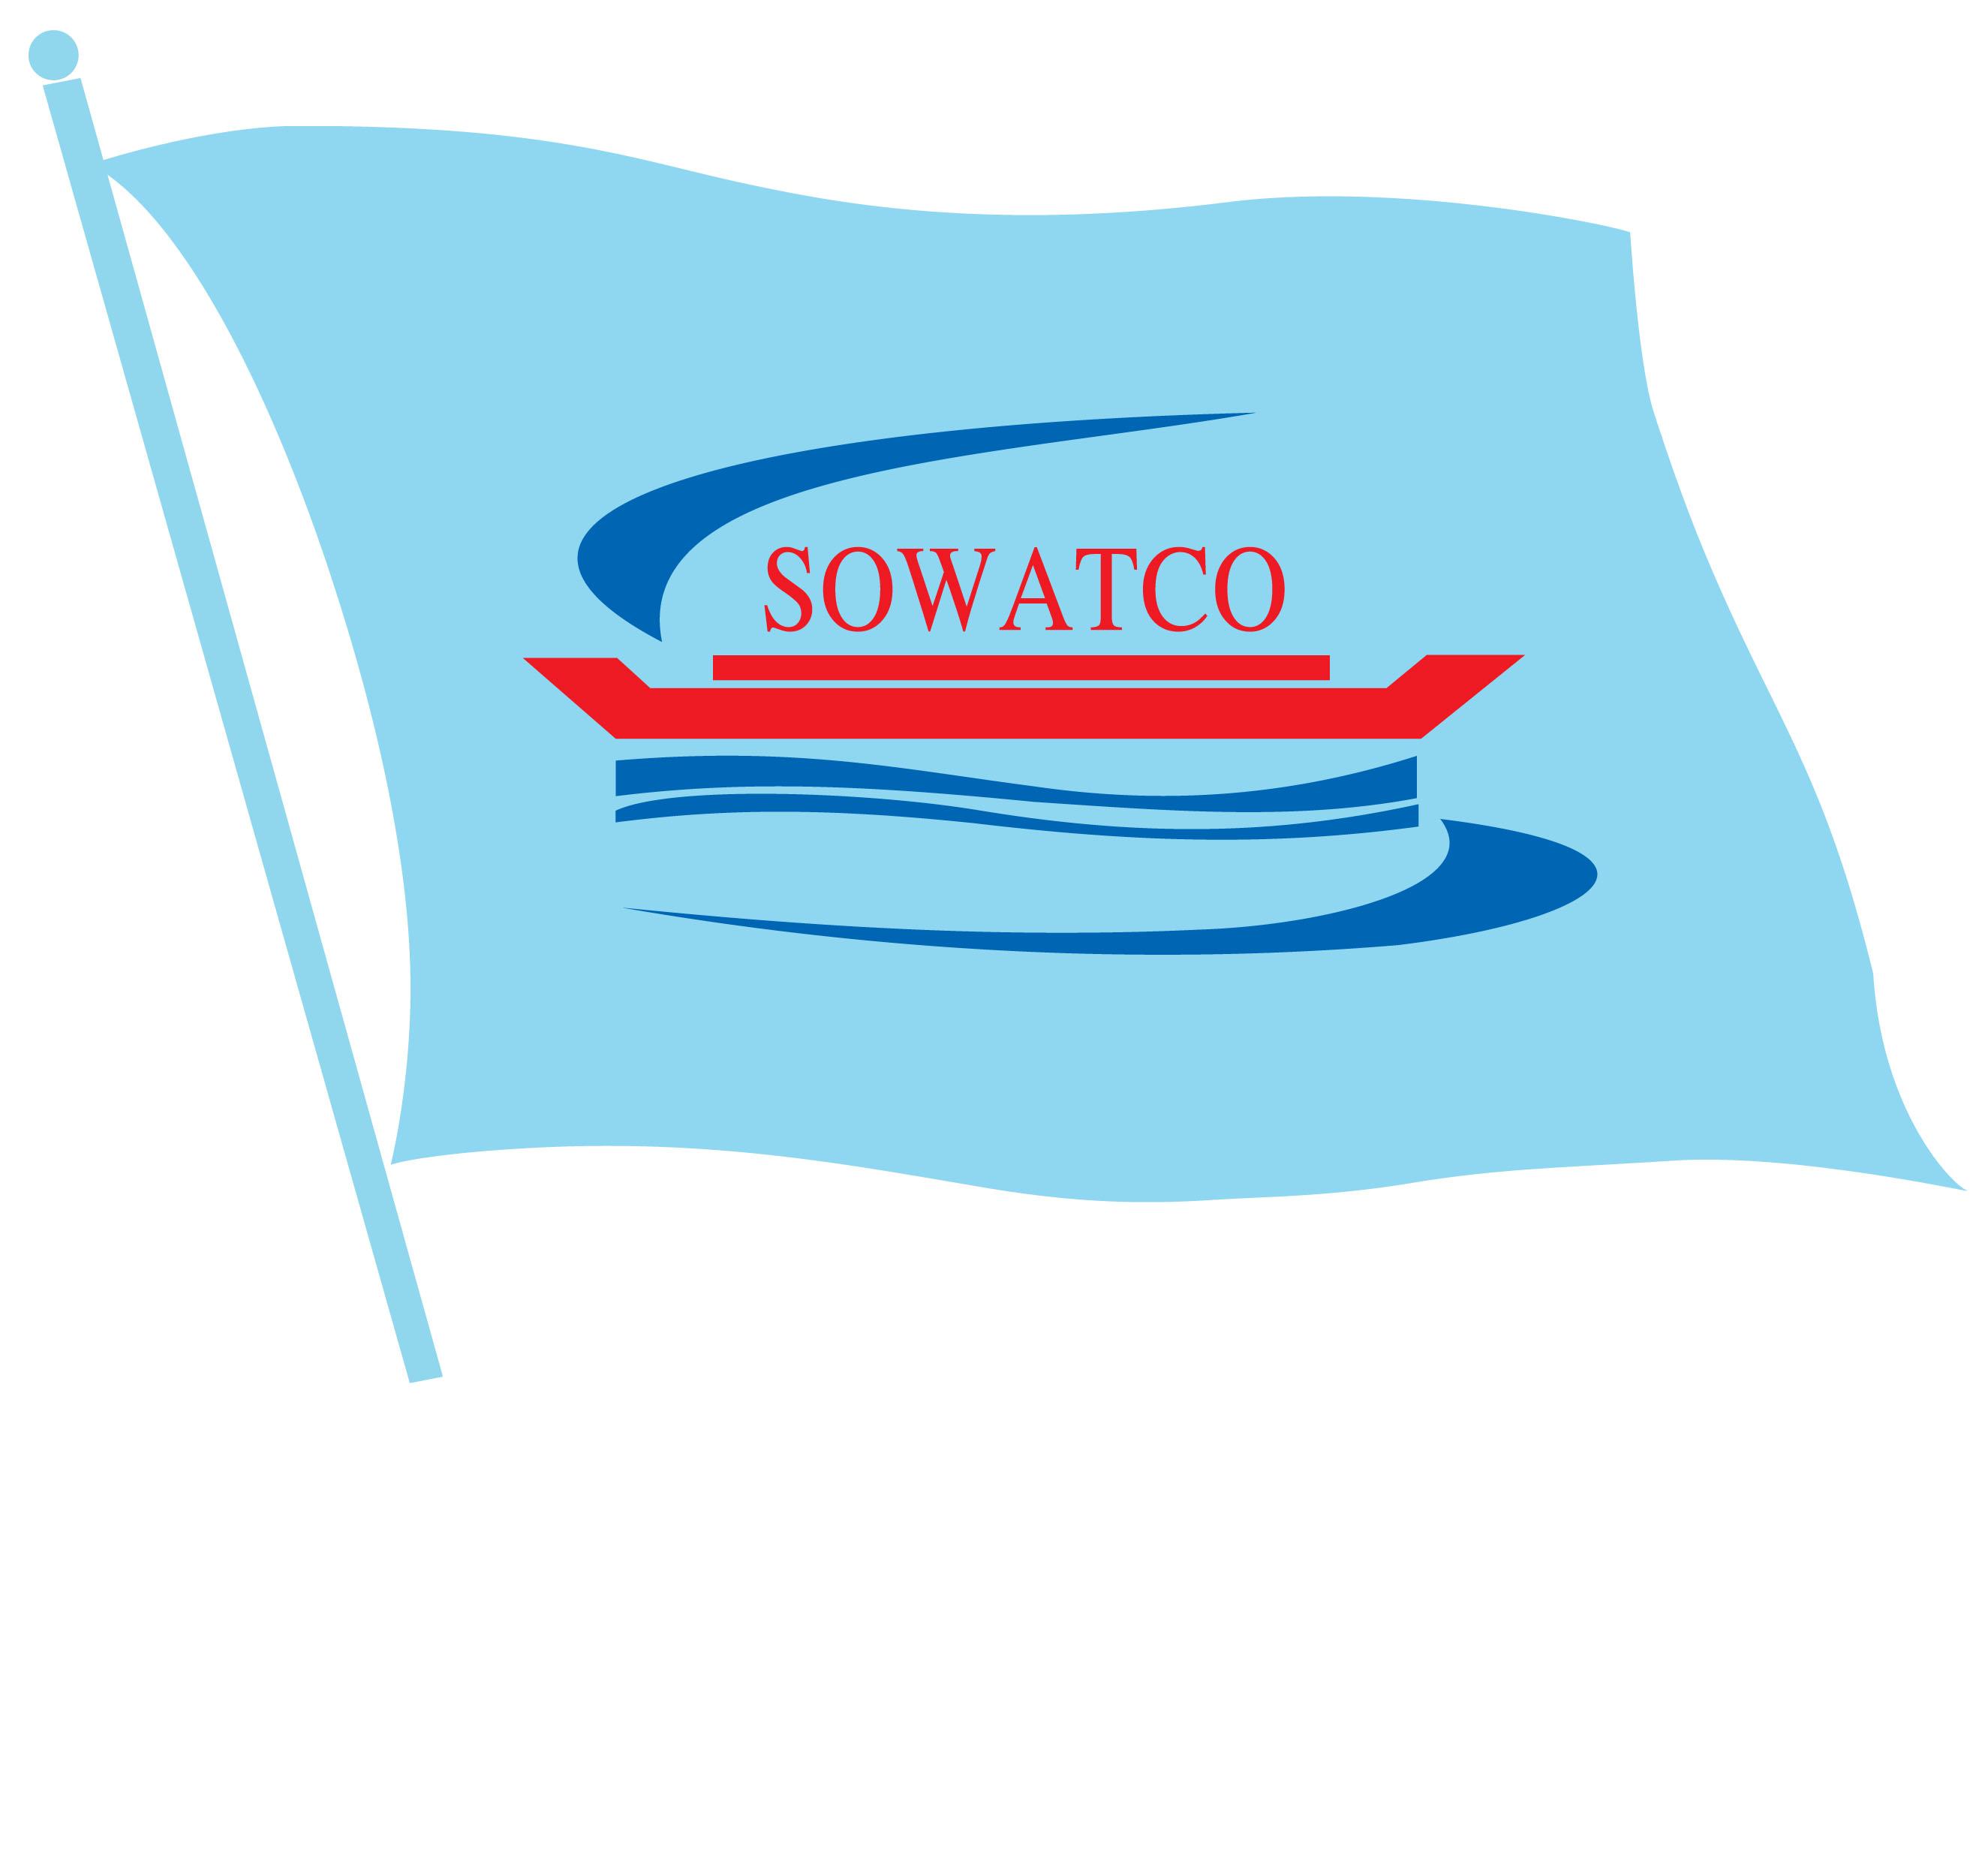 SWC: Thêm 2 cá nhân chuyển nhượng cổ phần cho Đầu tư hạ tầng Sotrans